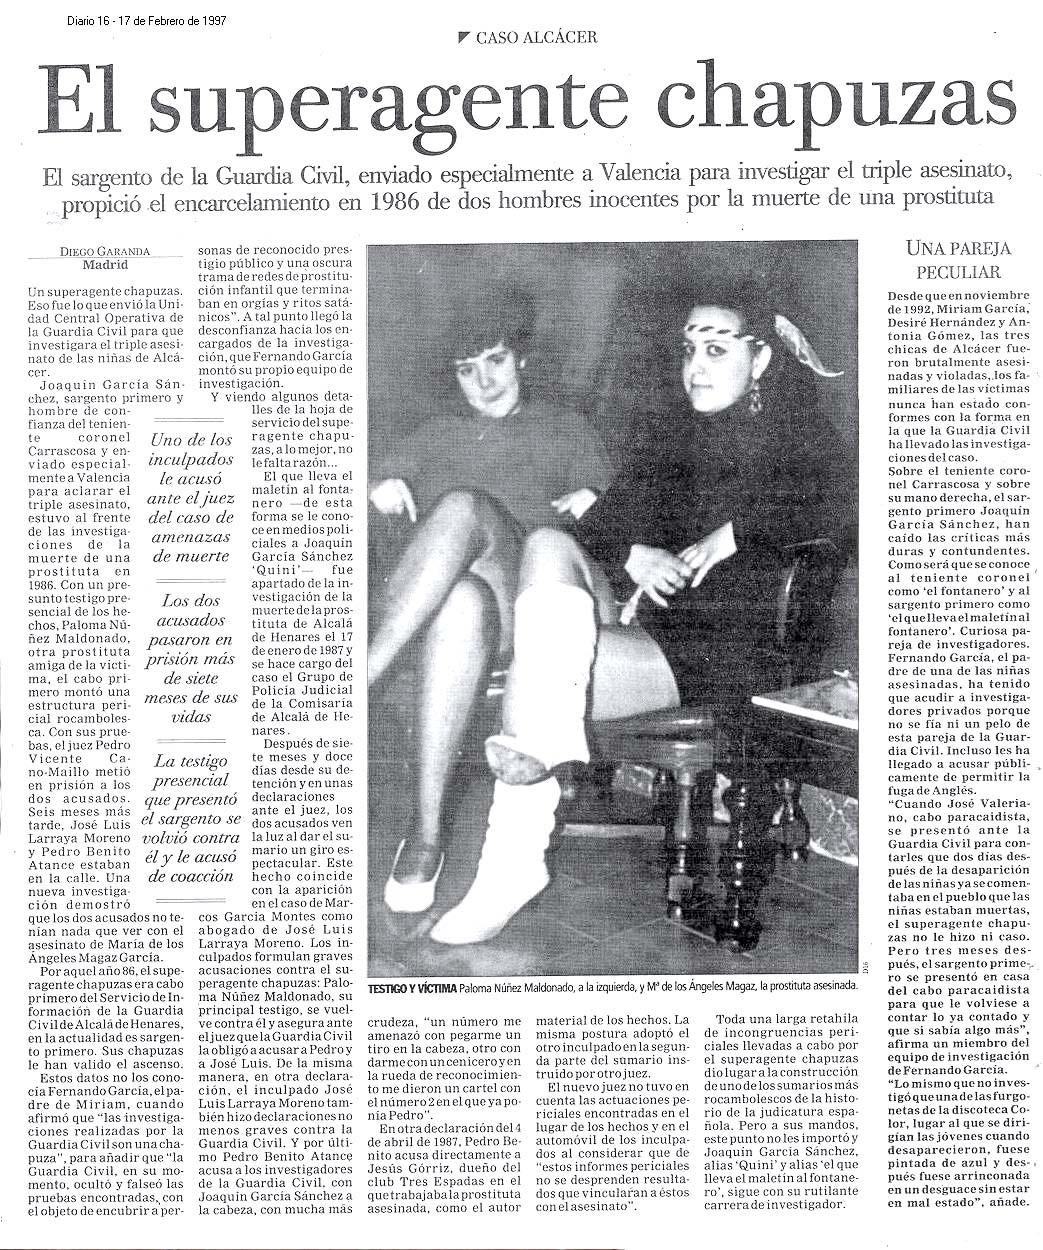 Noticias de actualidad (no política) - Página 7 Sargento-chapuzas